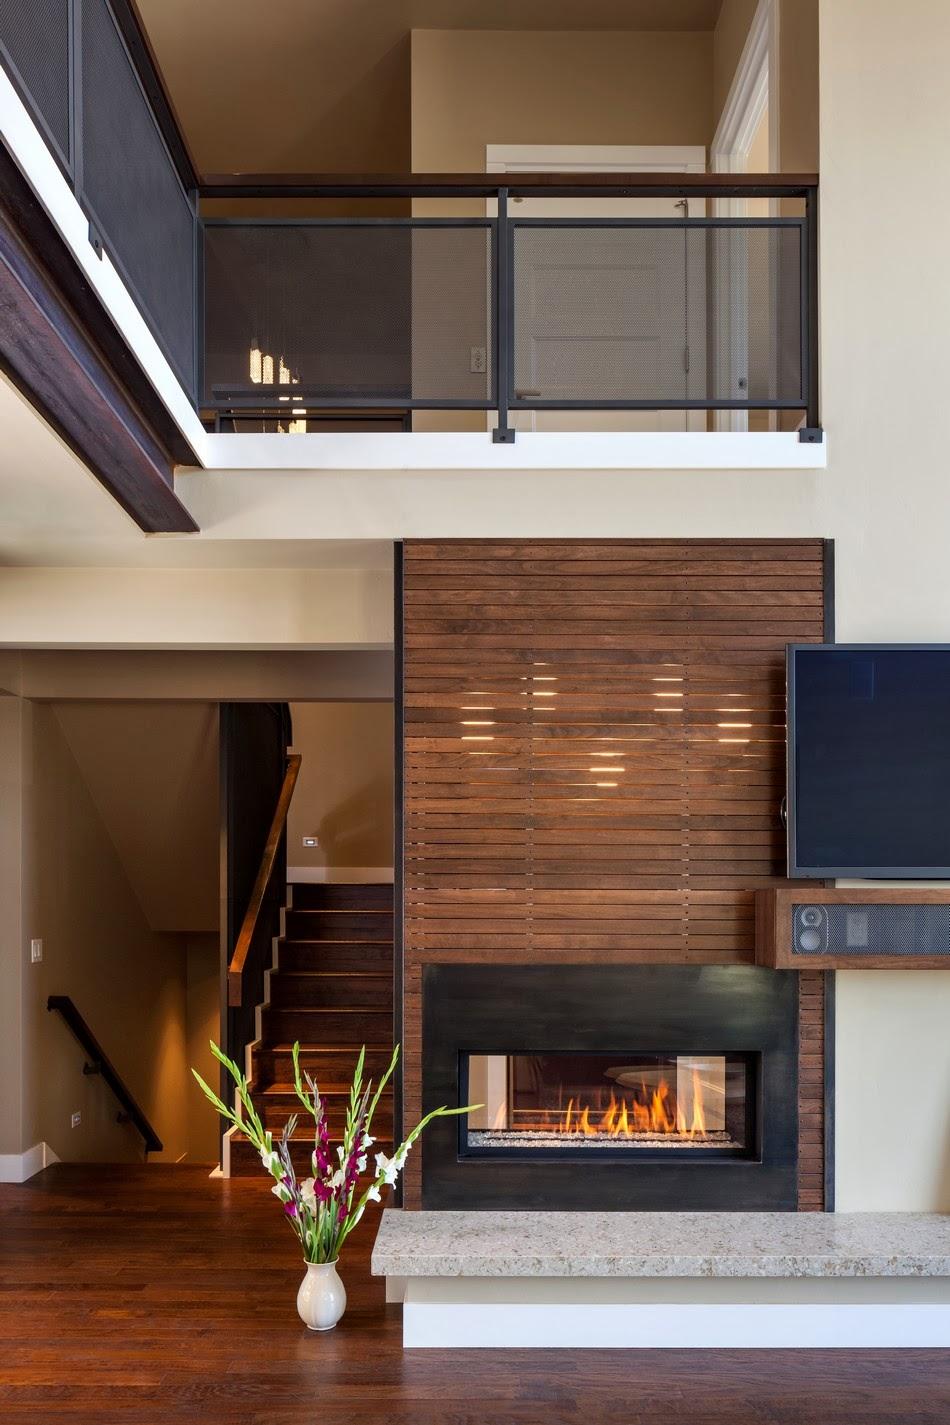 Karena itulah biasanya orang Indonesia menggunakan beton untuk bagian bawah rumahnya kemudian dilanjutkan dengan kayu untuk bagian atasnya. & Gambar Desain Rumah Artis Paling Mewah Kombinasi Kayu dan Batu yang ...